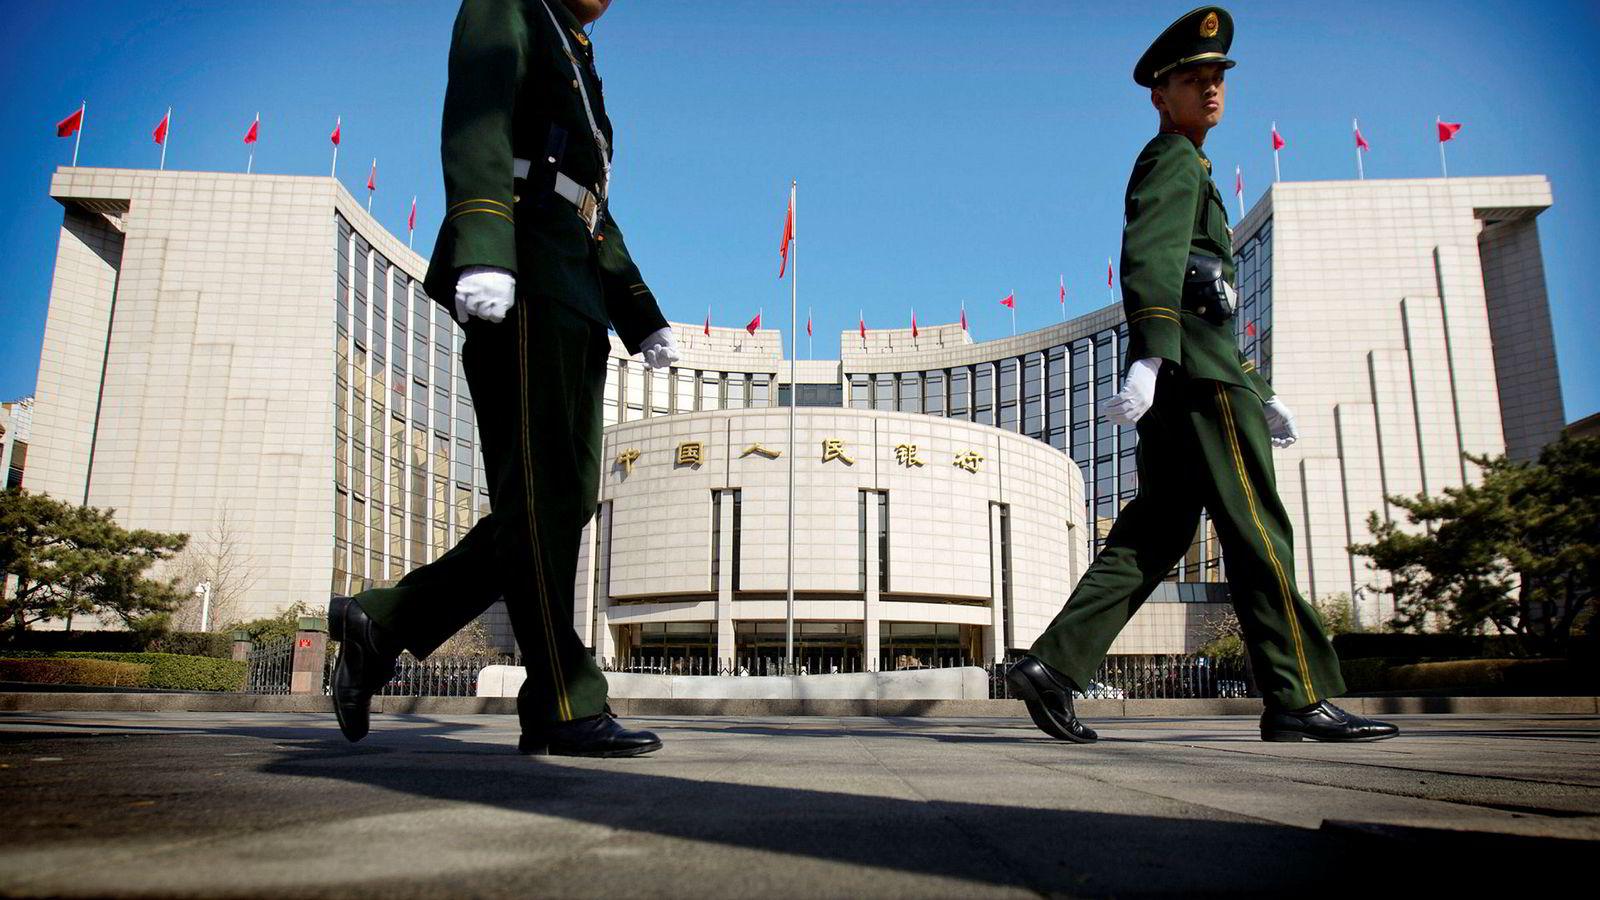 Det kinesiske bankvesenet ble nettopp verdens største etter å ha passert eurolandene. Her fra Kinas folkebank i Beijing.